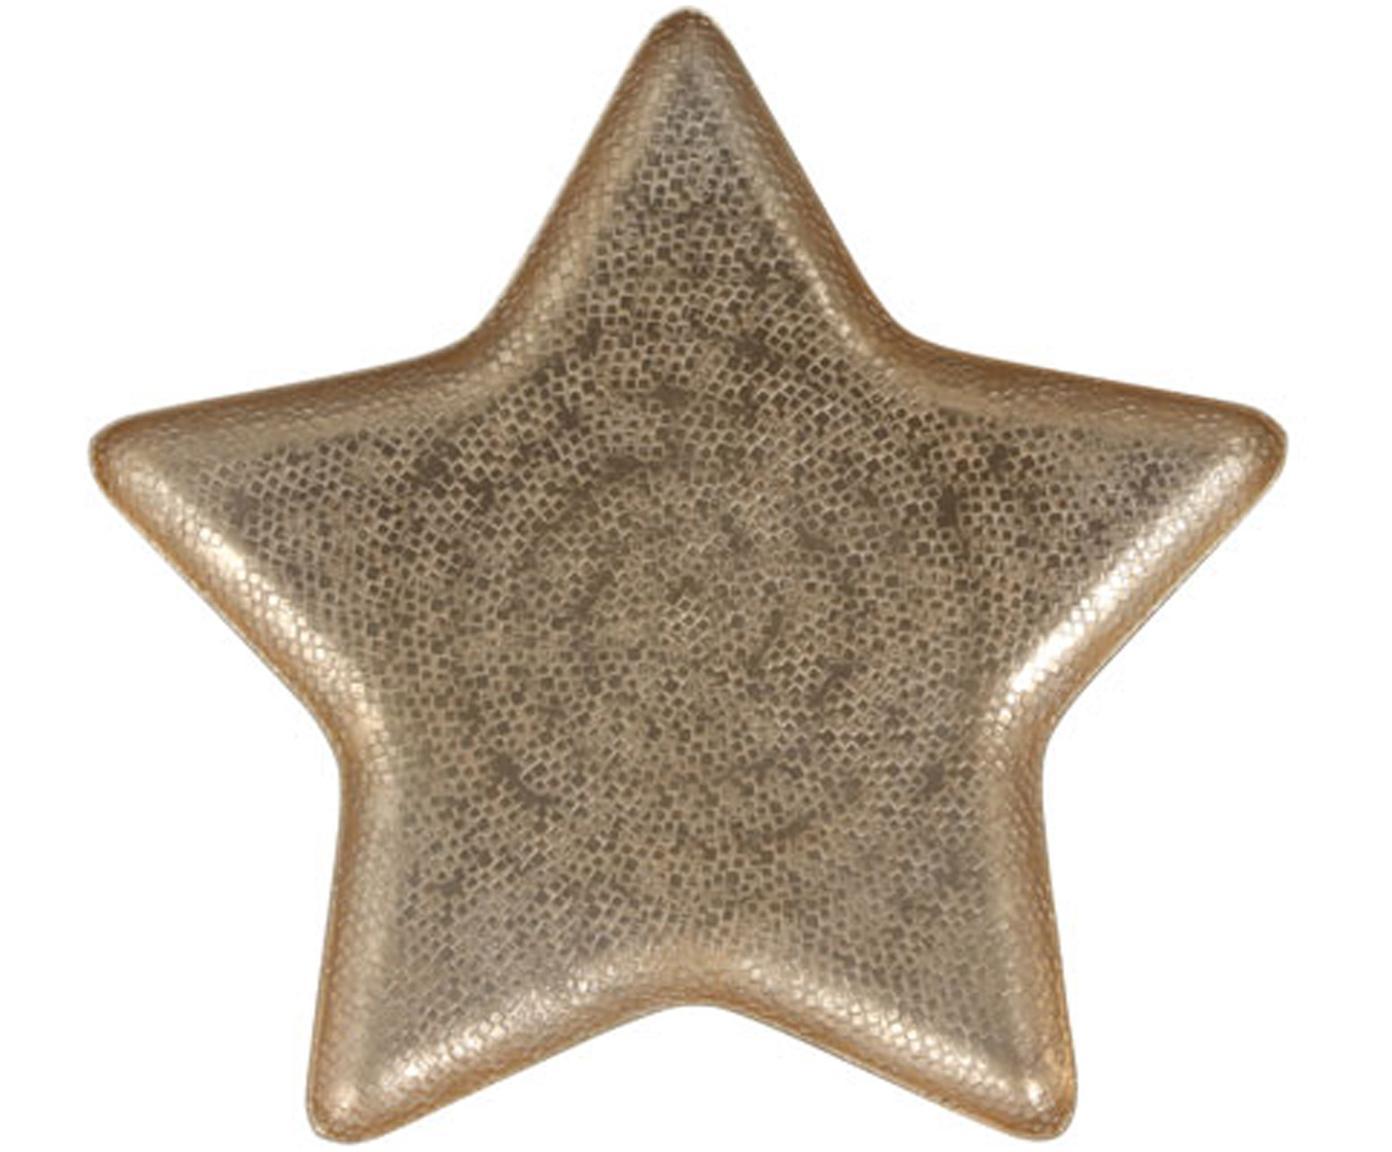 Miska dekoracyjna Star, Aluminium powlekane, Odcienie mosiężnego, matowy, S 25 x W 2 cm